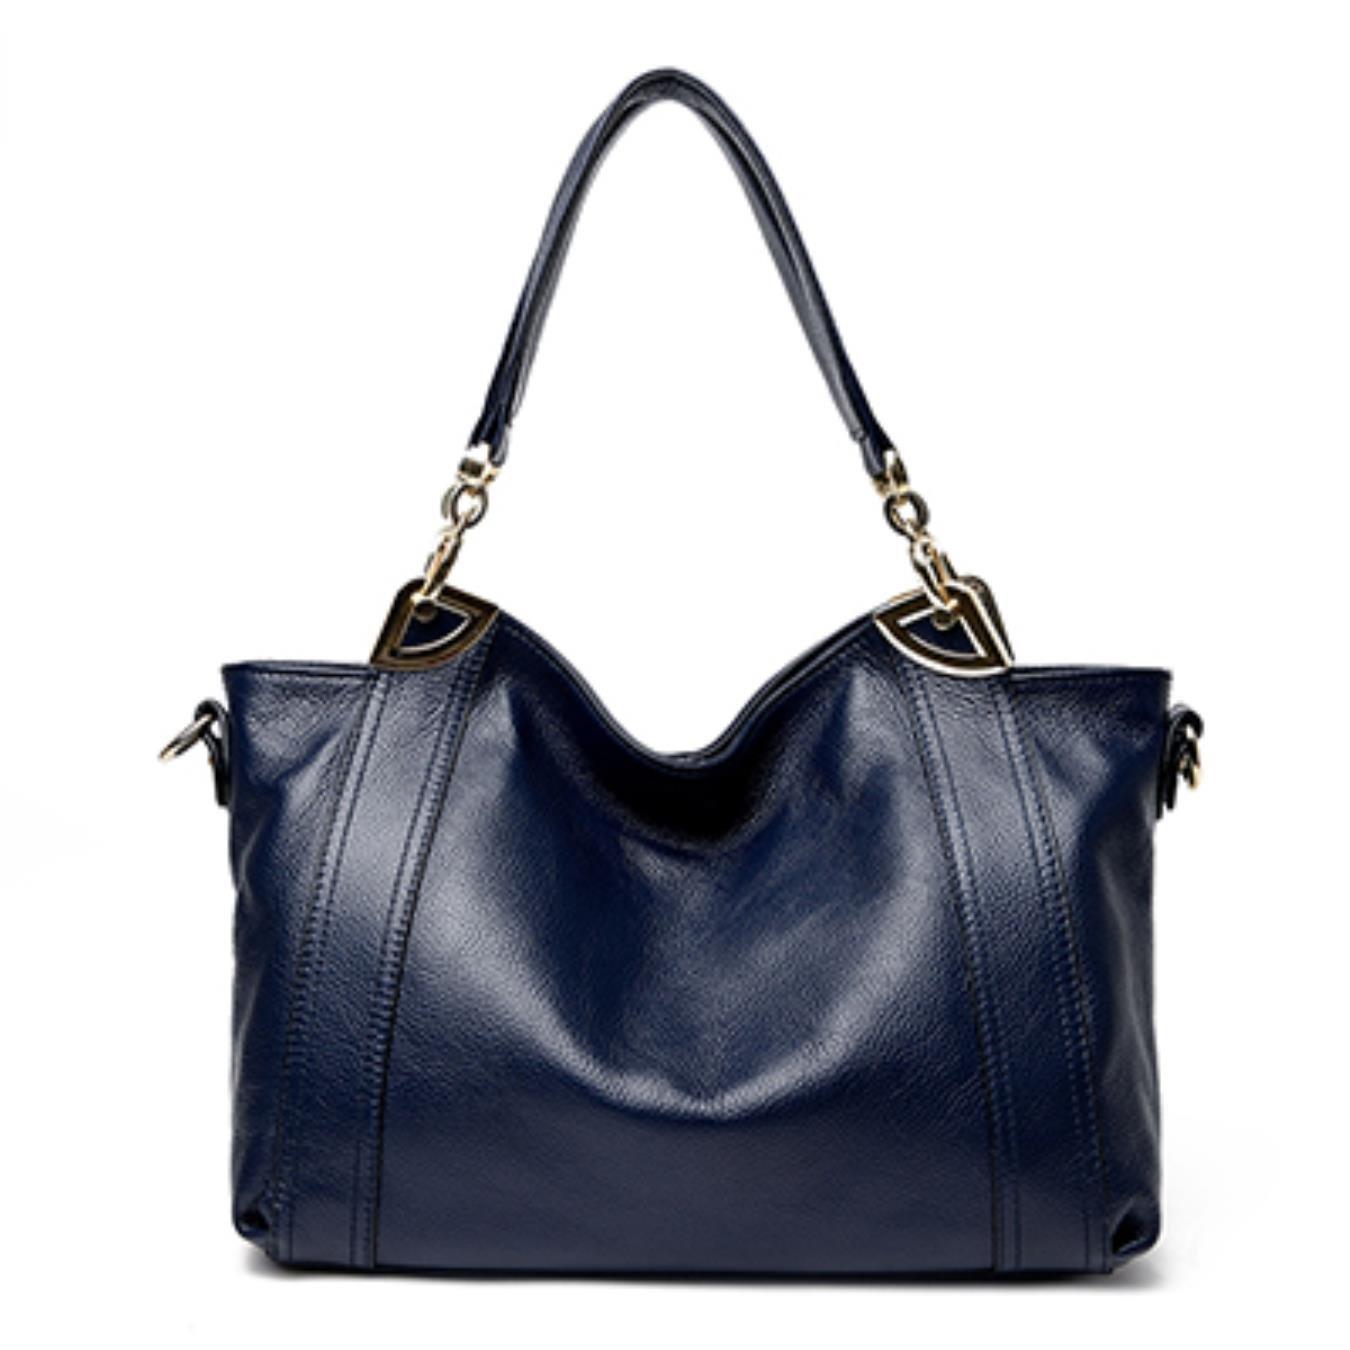 bluee Ladies Genuine Leather Bags Handbags Women Bag Ladies Designer Crossbody Bags Black Sac